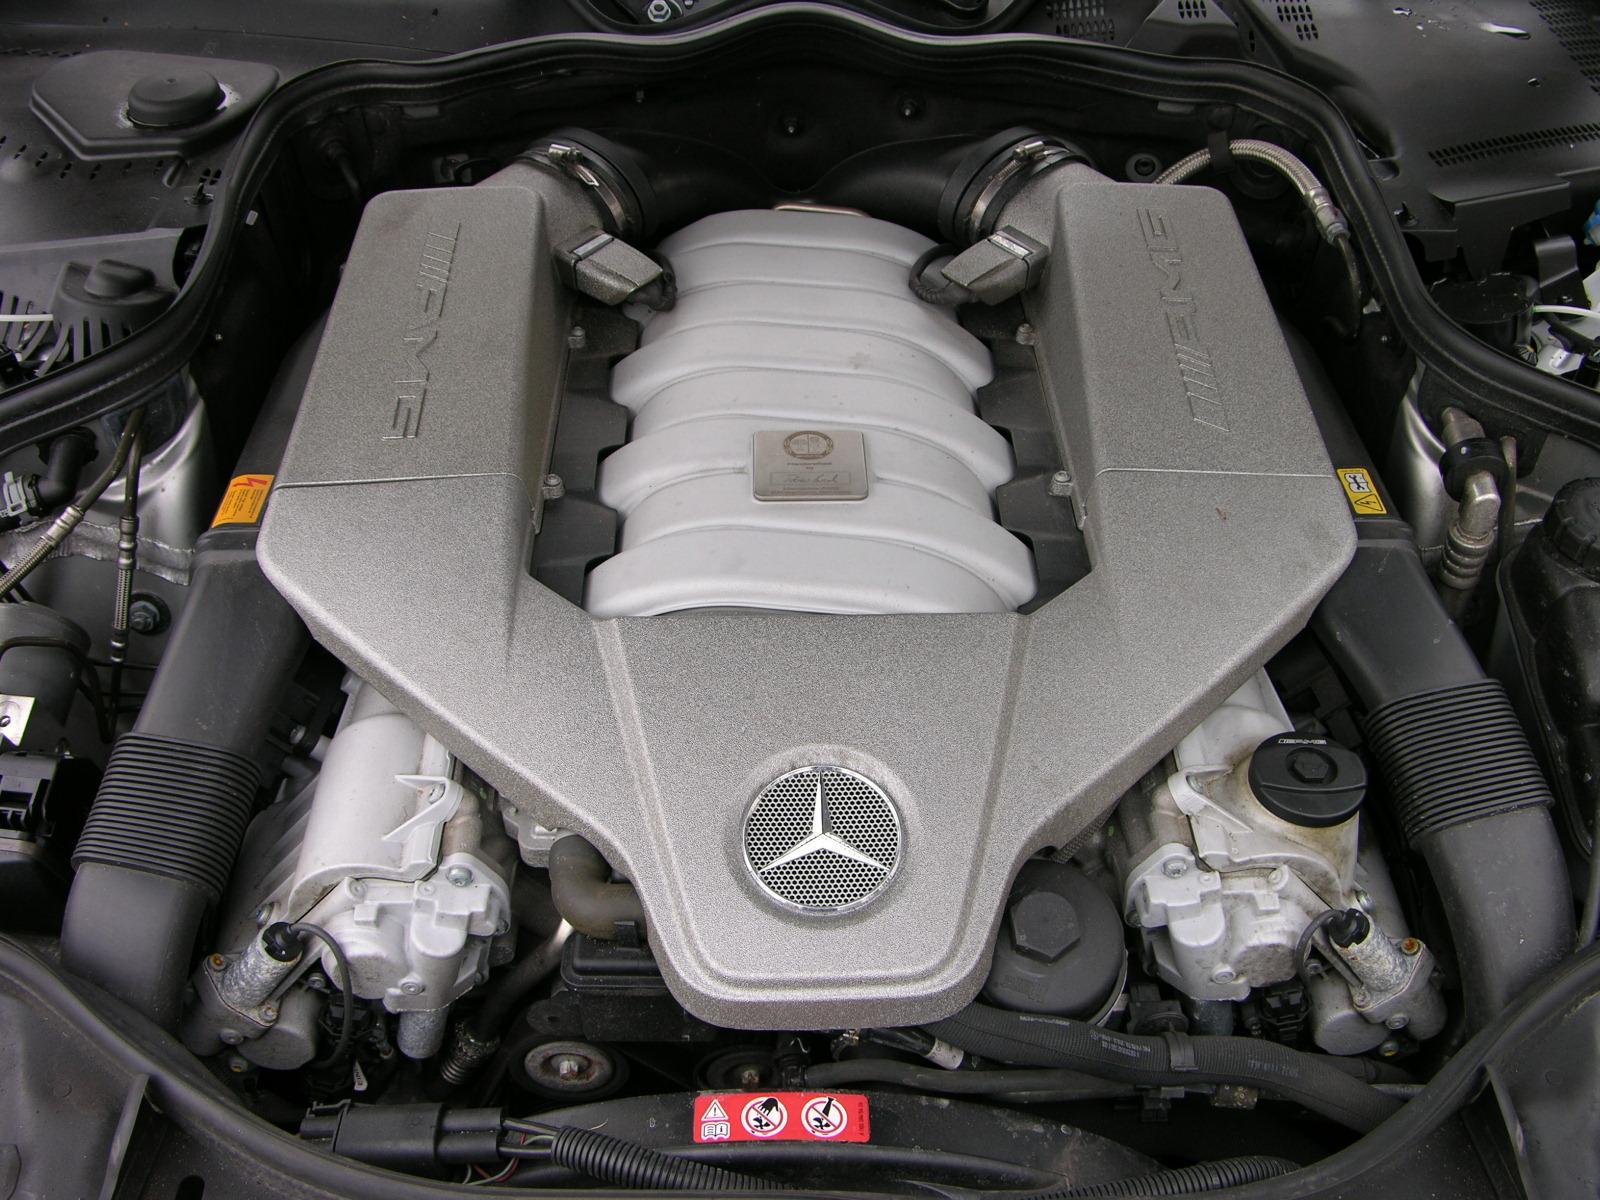 Mercedes Benz Amg >> メルセデス・ベンツ・M156エンジン - Wikipedia